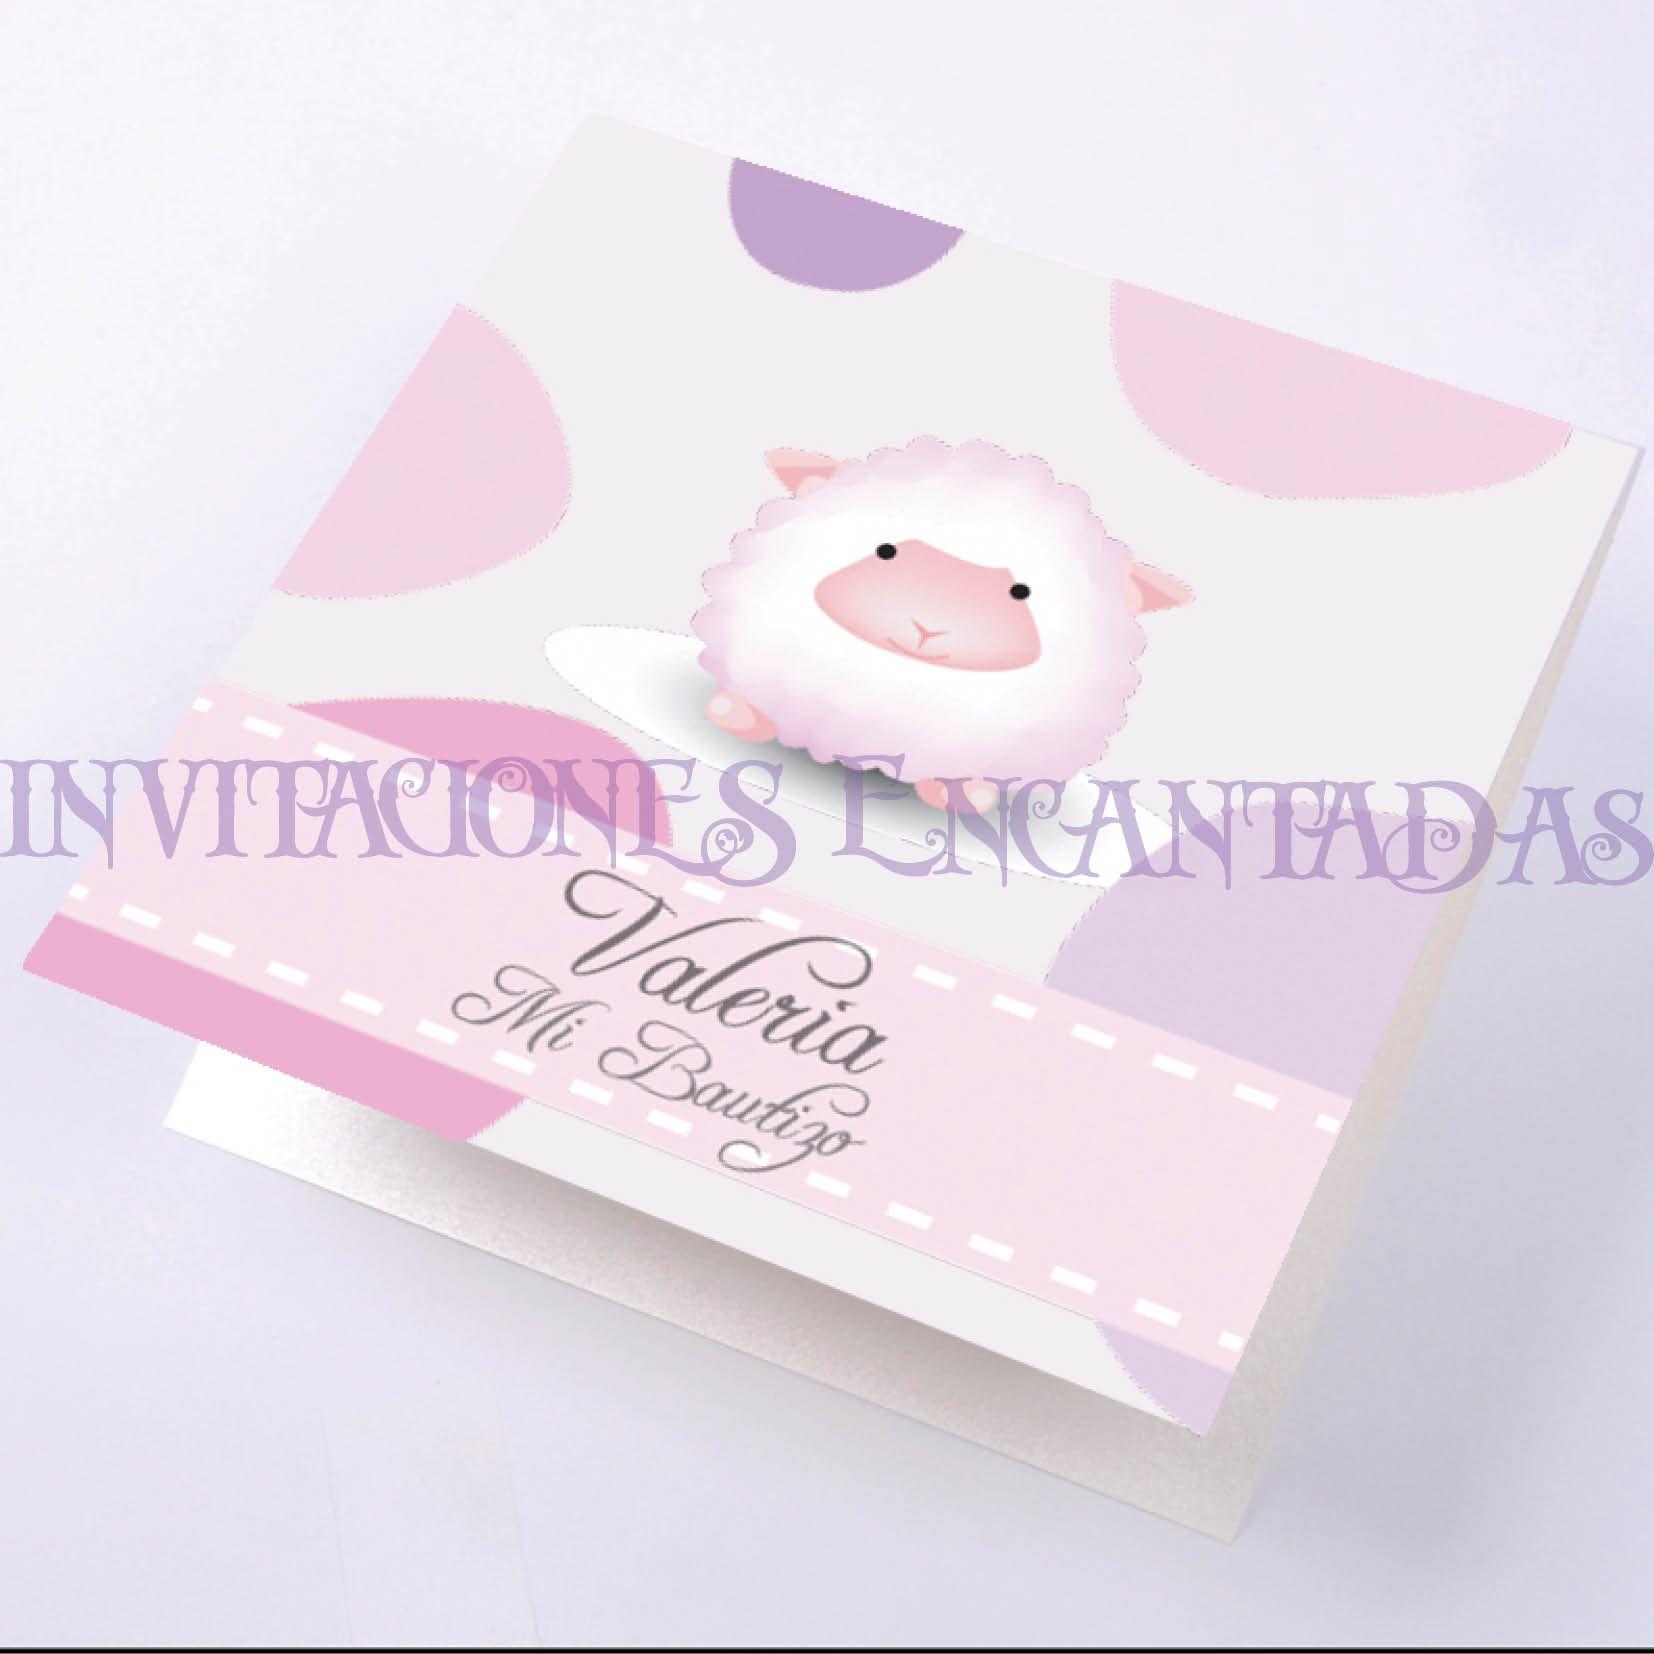 Invitacion de Bautizo Modelo: Babysimple 4